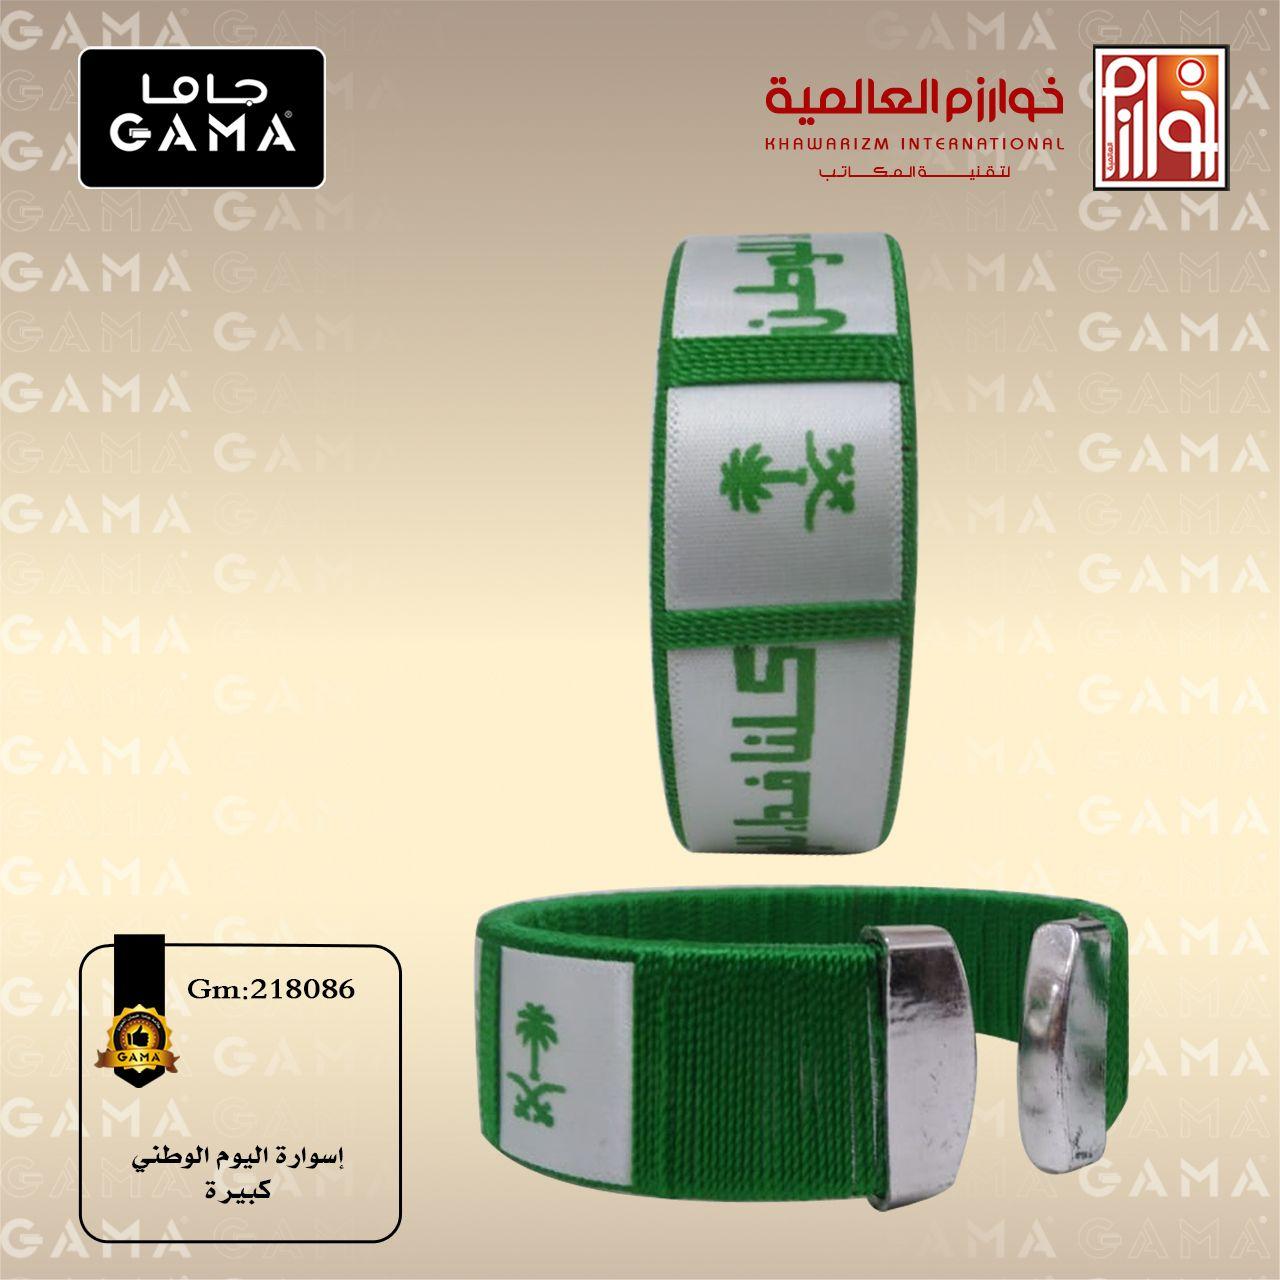 اسوارة اليوم الوطني السعودي Samsung Gear Fit Samsung Gear Stationery